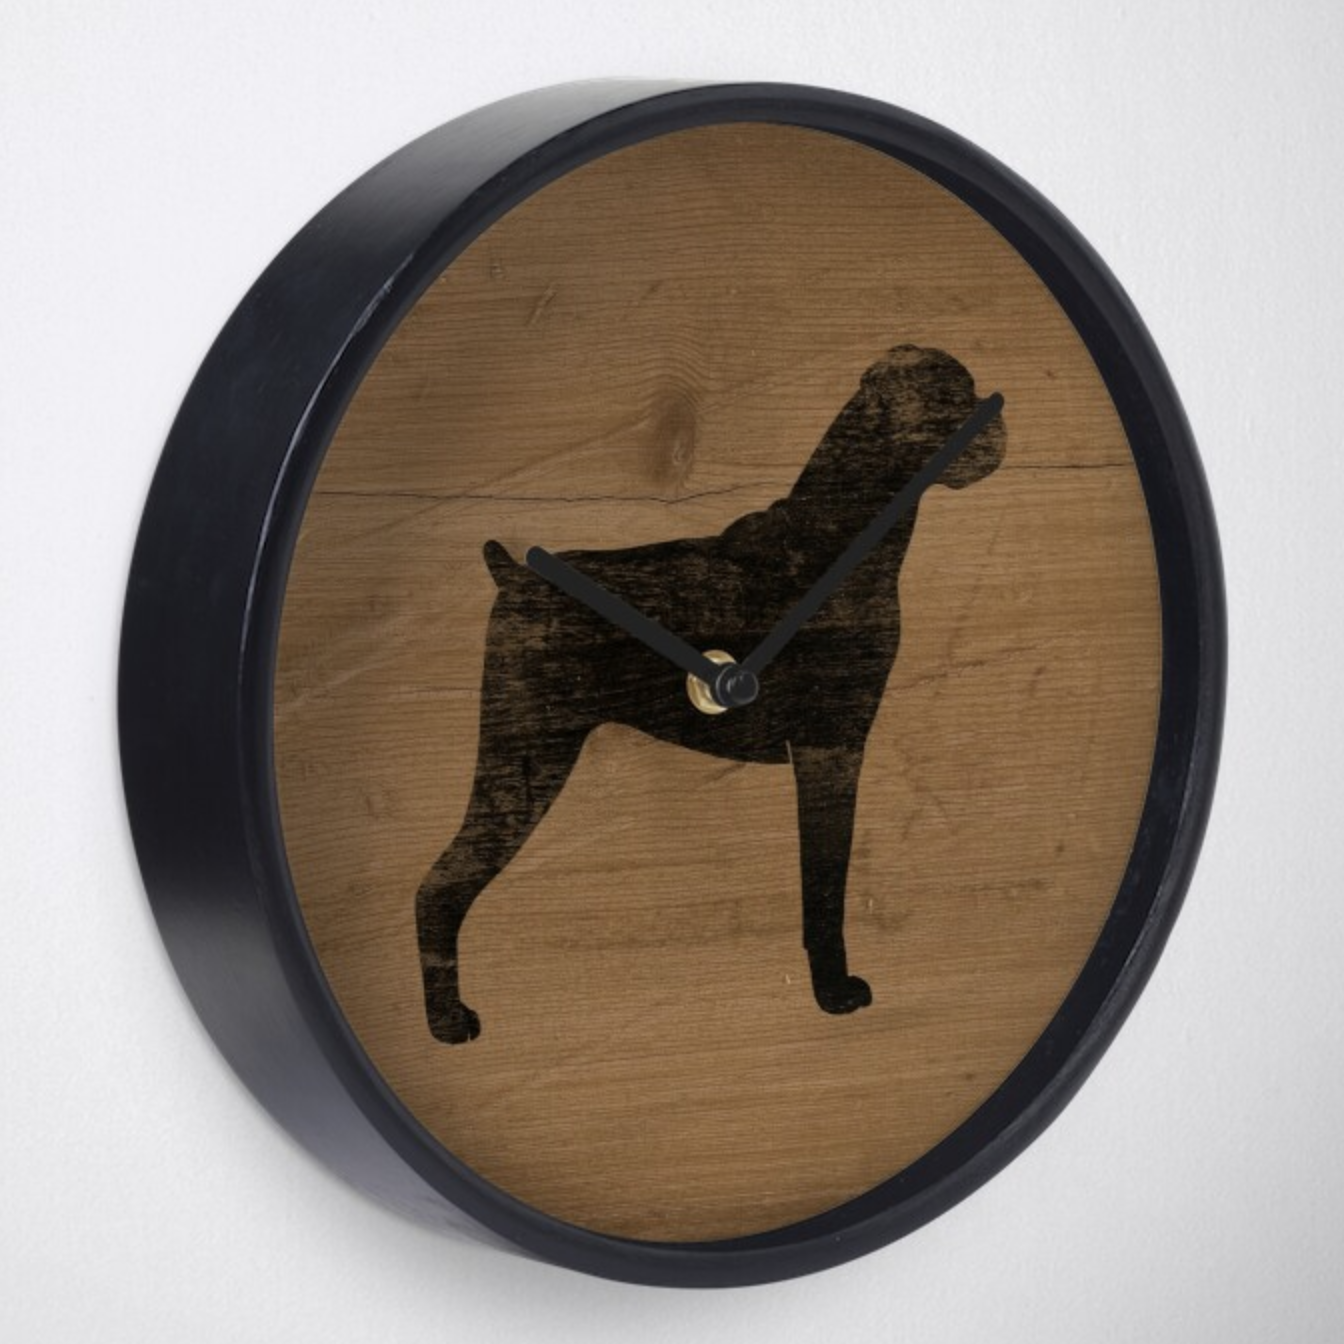 Boxer Dog Clock via Redbubble